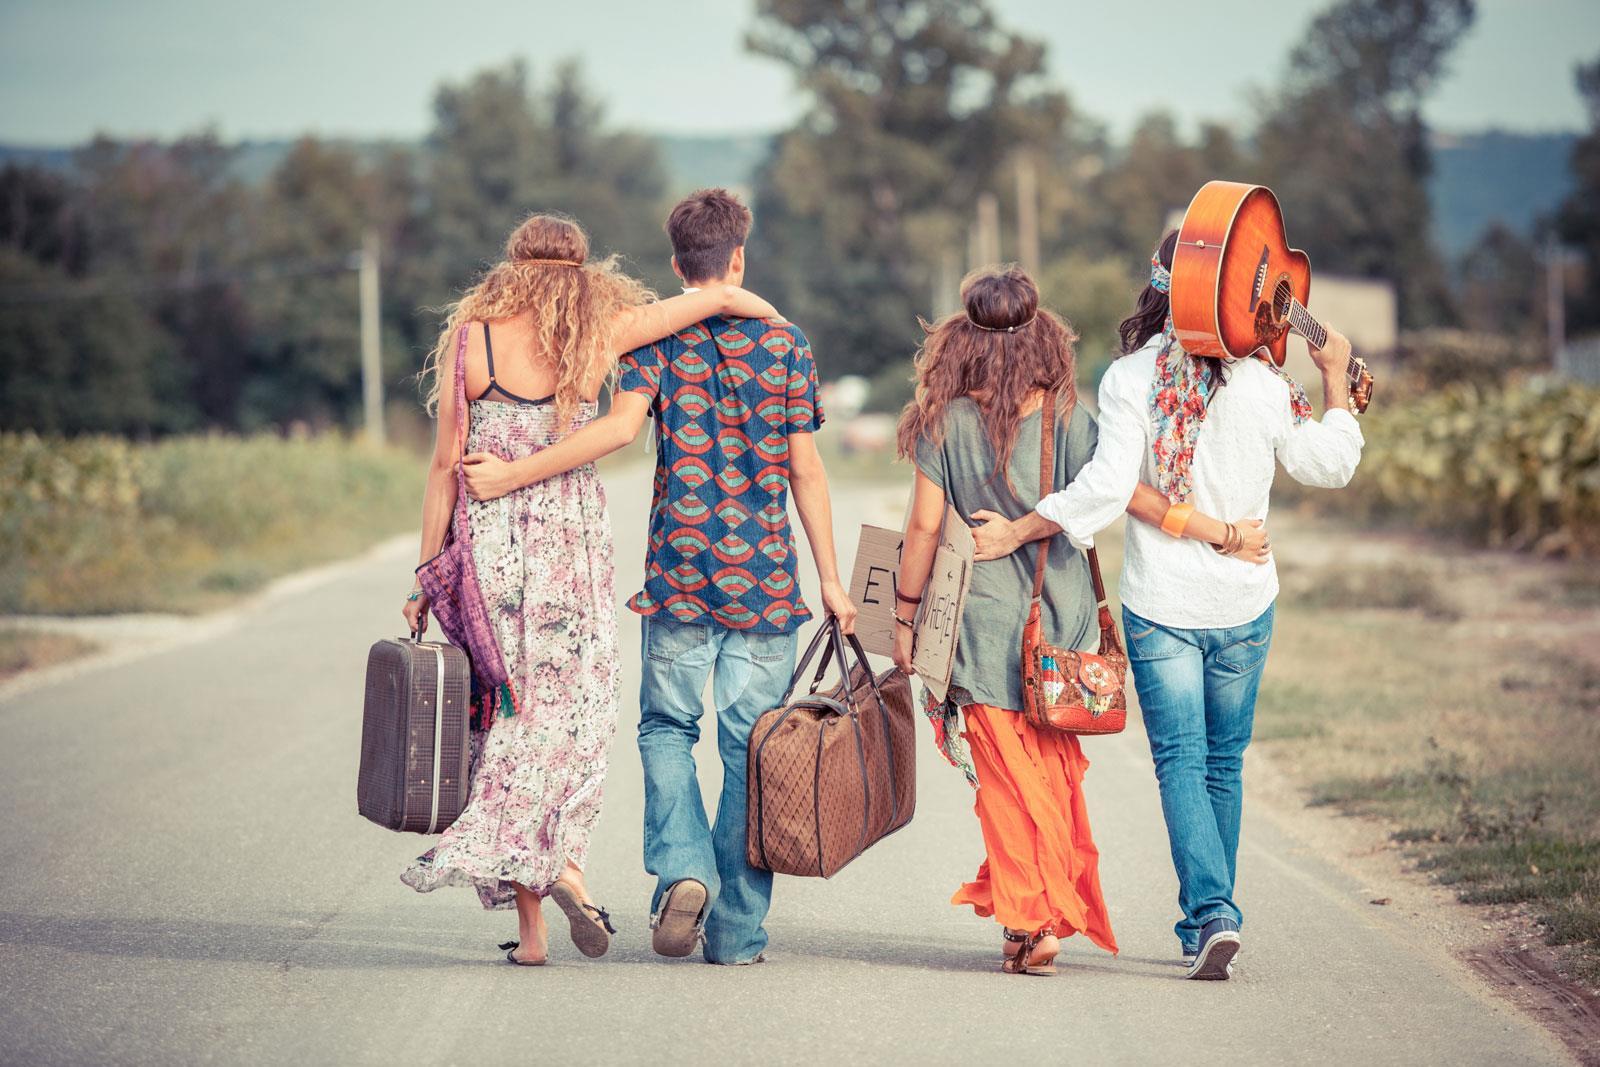 Phong cách tự do Hippie là gì? Định hình phong cách Hippie